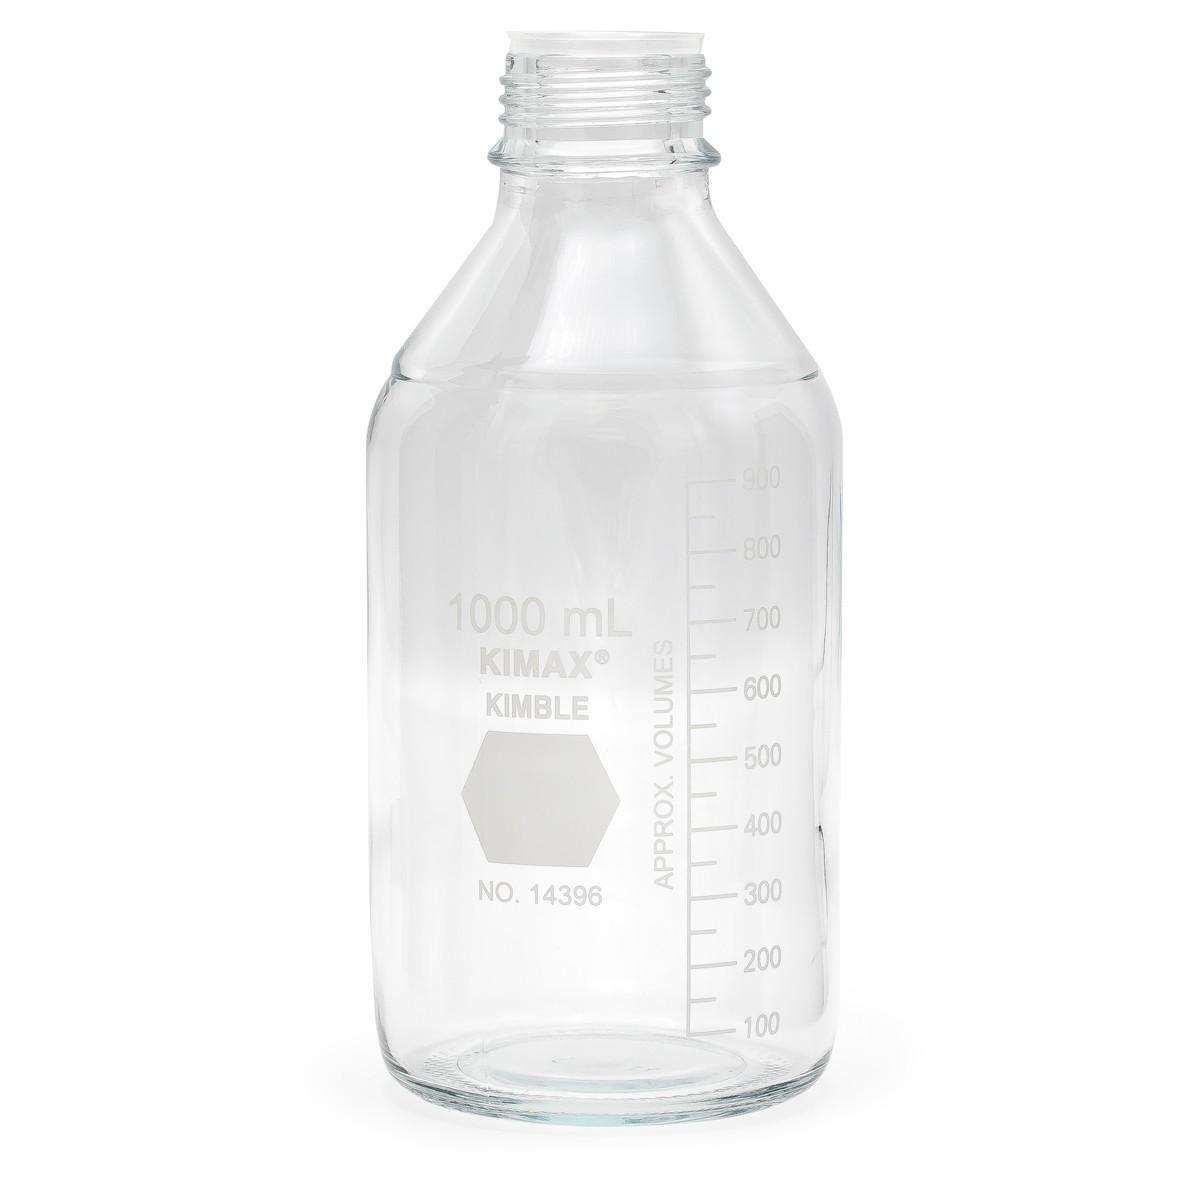 Reagent Waste Bottle for HI903 and HI904 Karl Fischer Titration Systems - HI900534